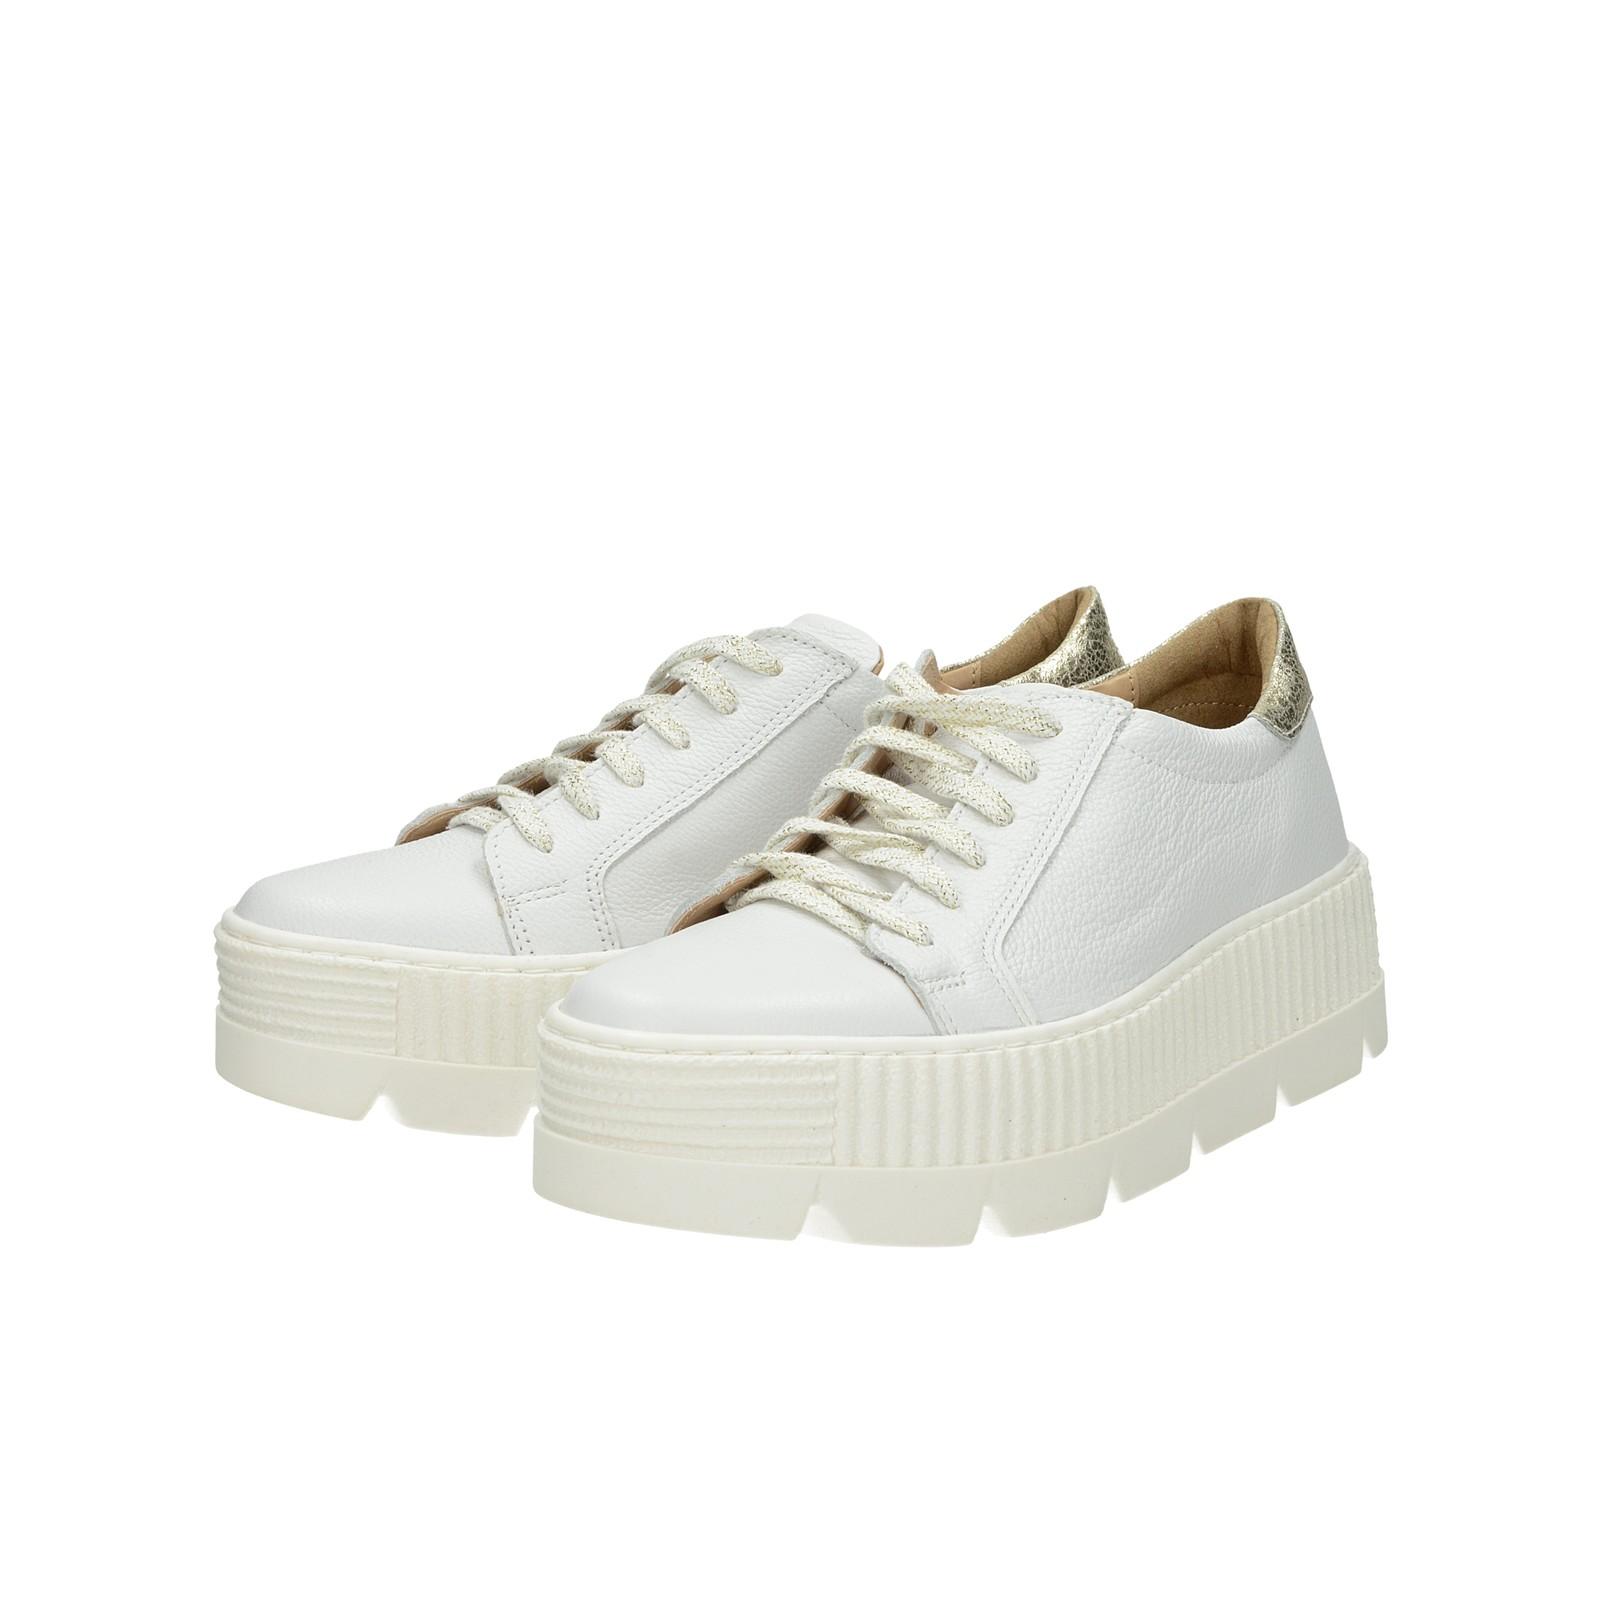 45f29be6ed ... Olivia shoes dámské tenisky na platformě - bílé ...